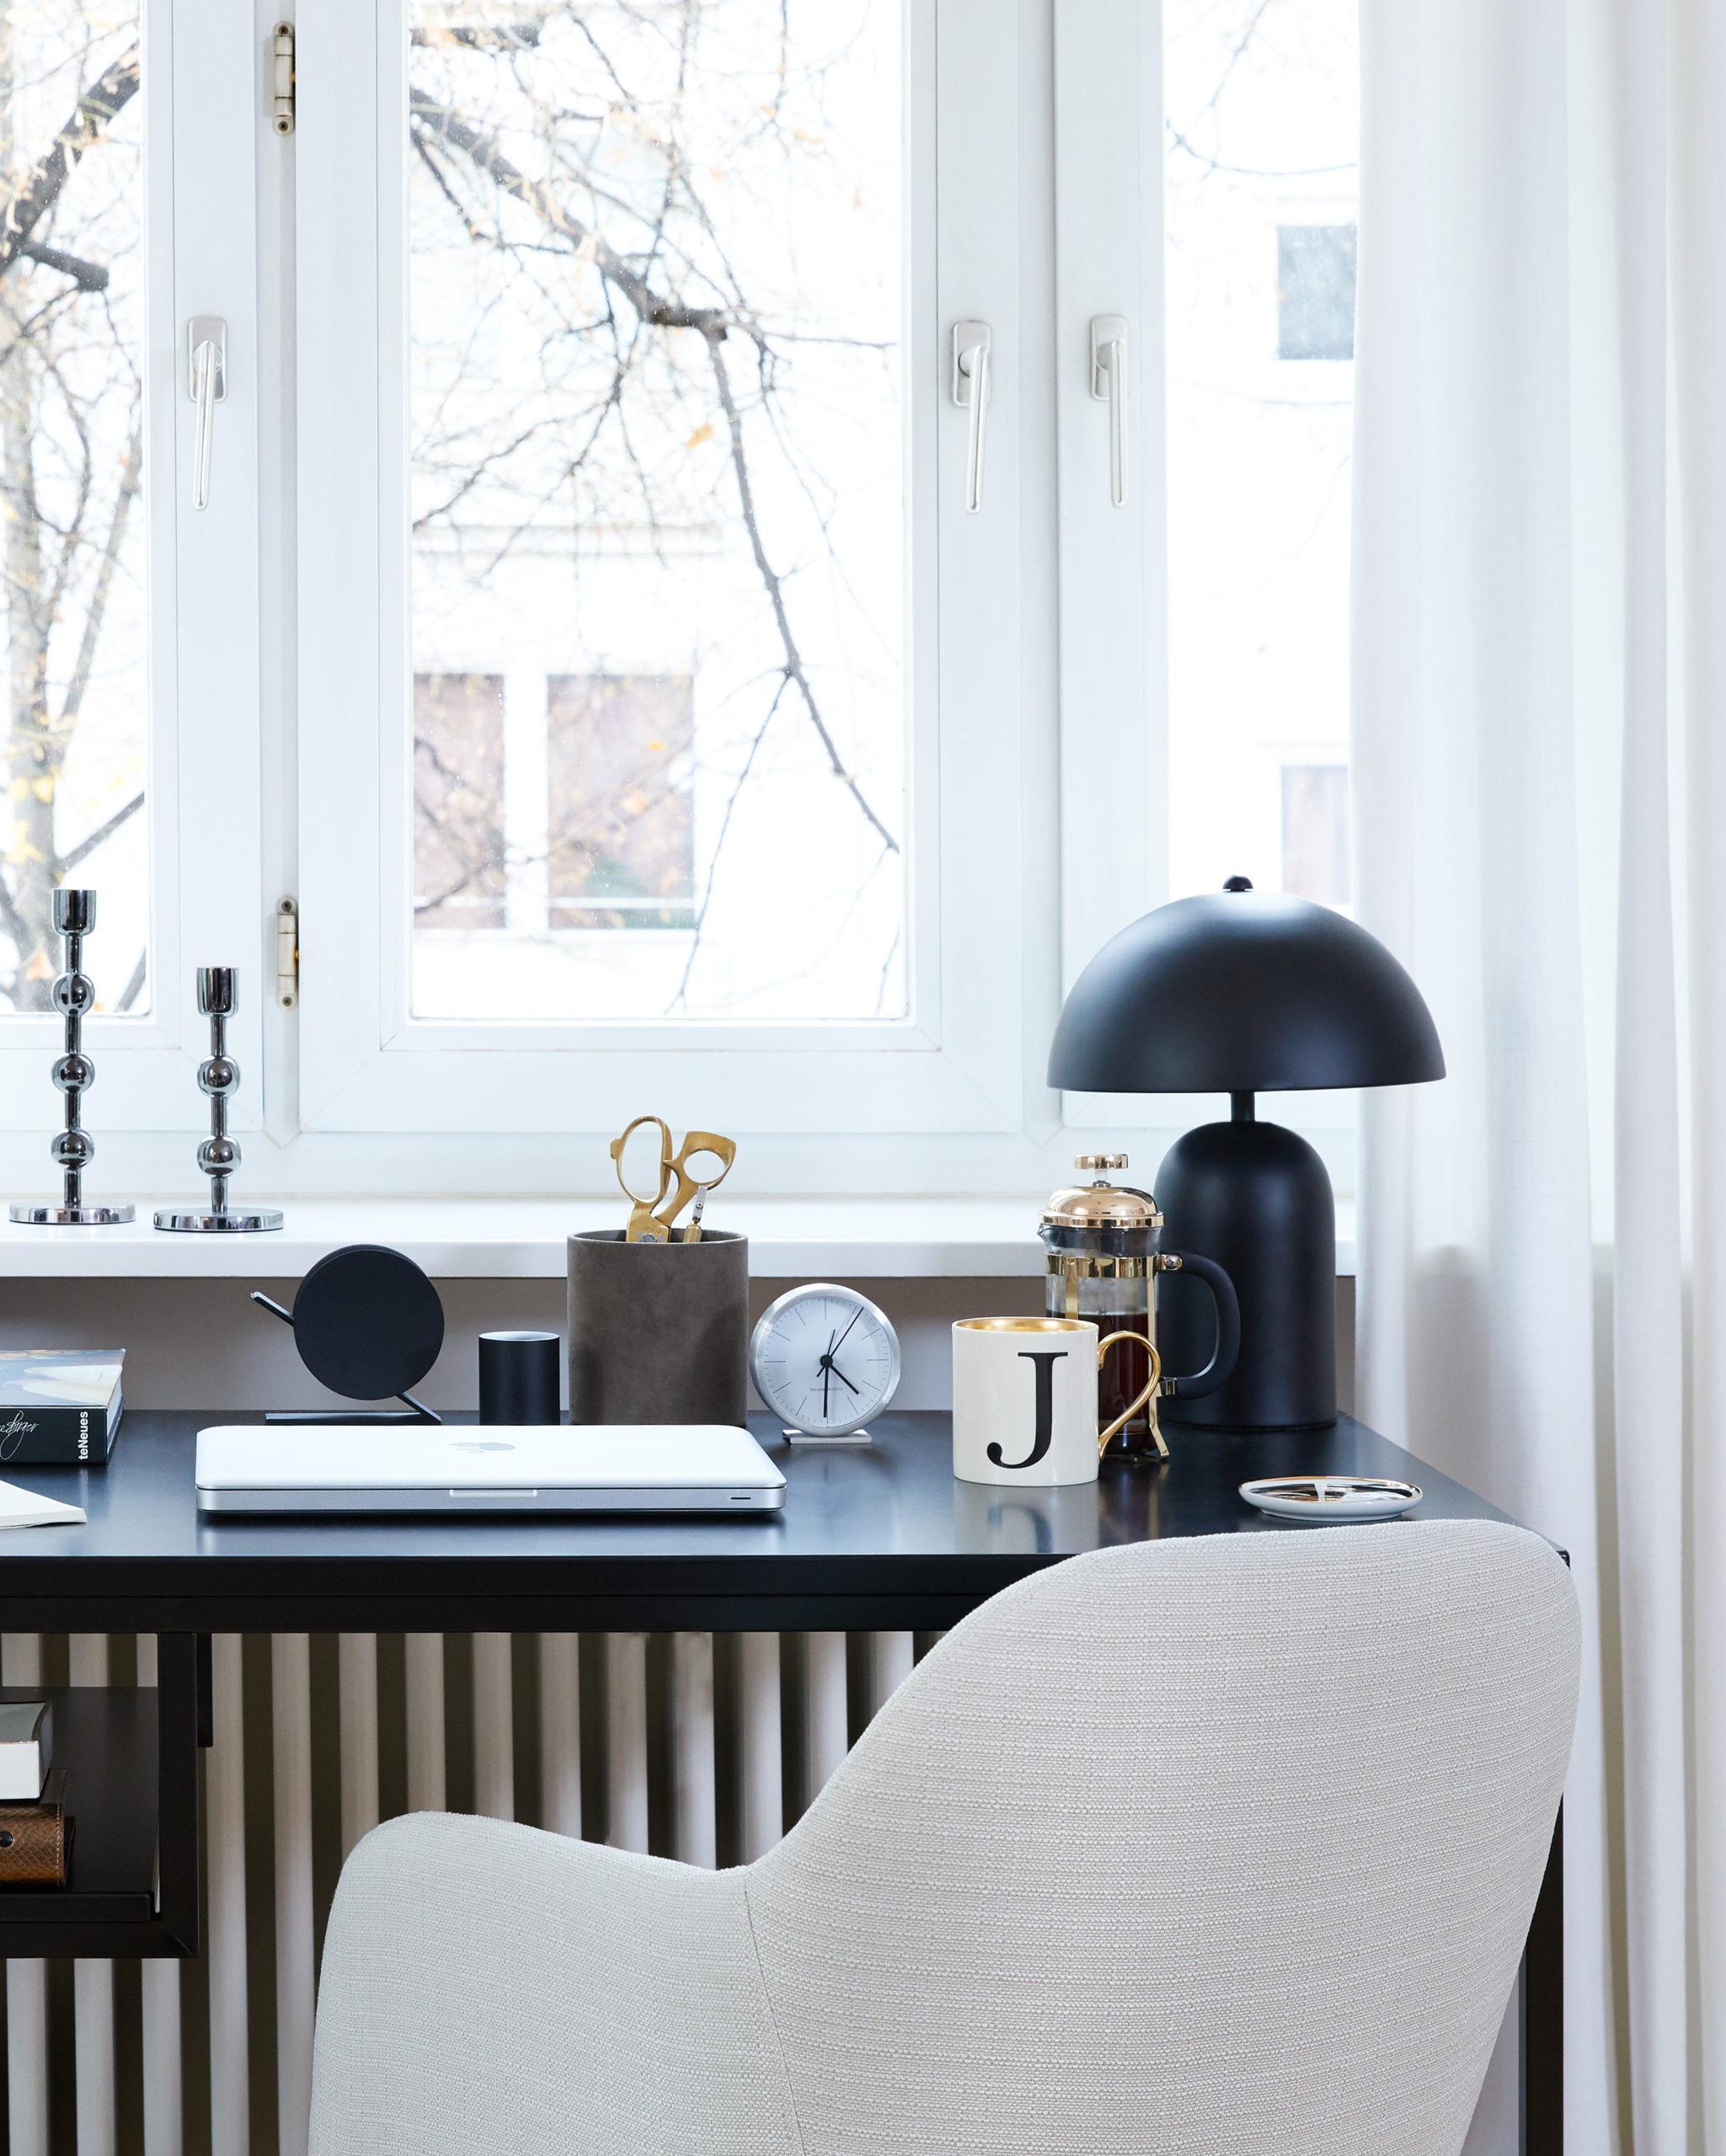 Krzesło z burkiem stojące przy oknie